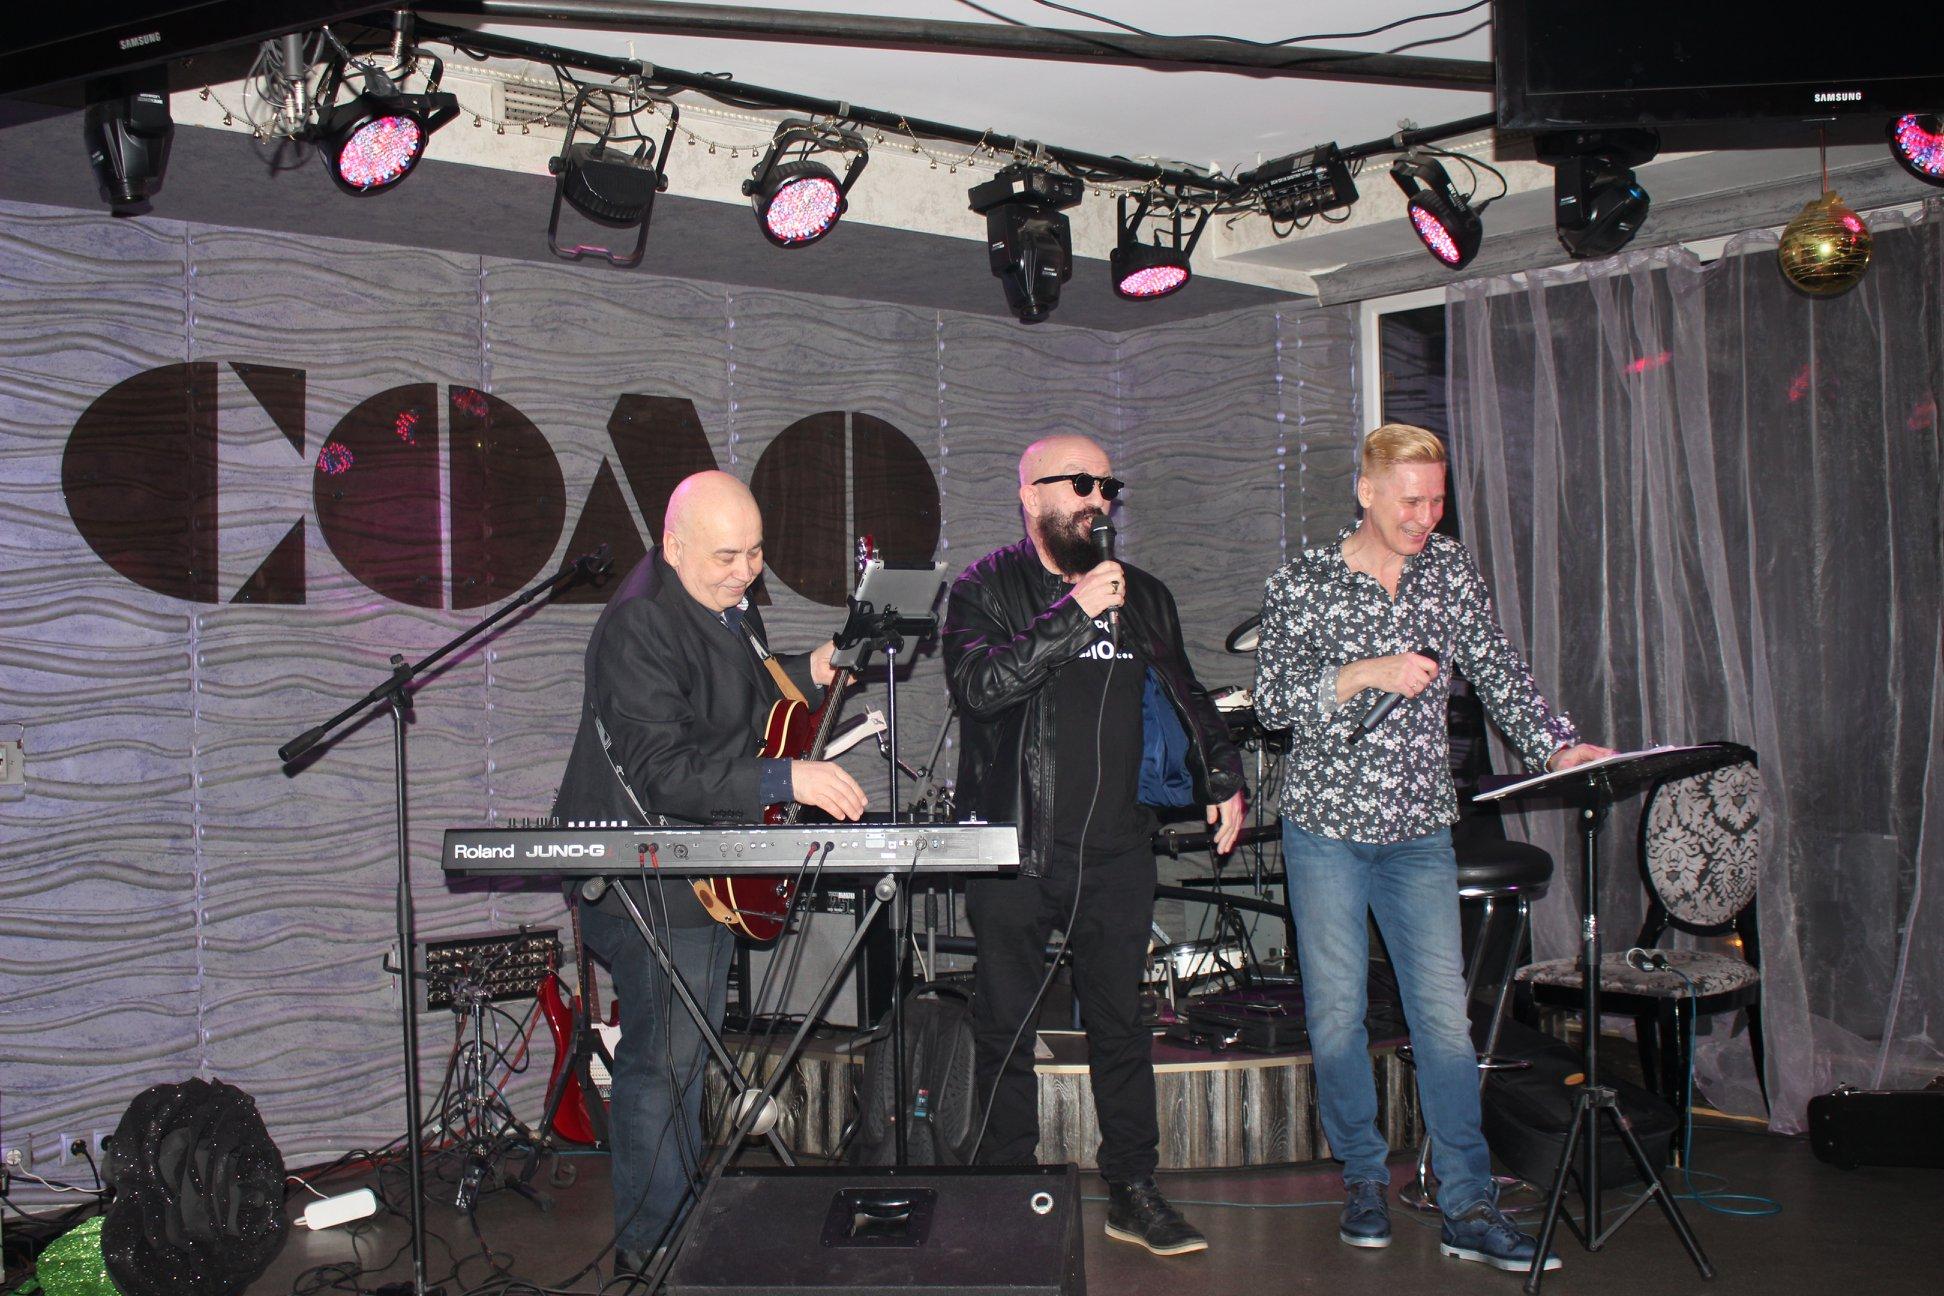 Андрей Якиманский и Владимир Ферапонтов презентовали в клубе СОЛО свою совместную песню о ПИВЕ